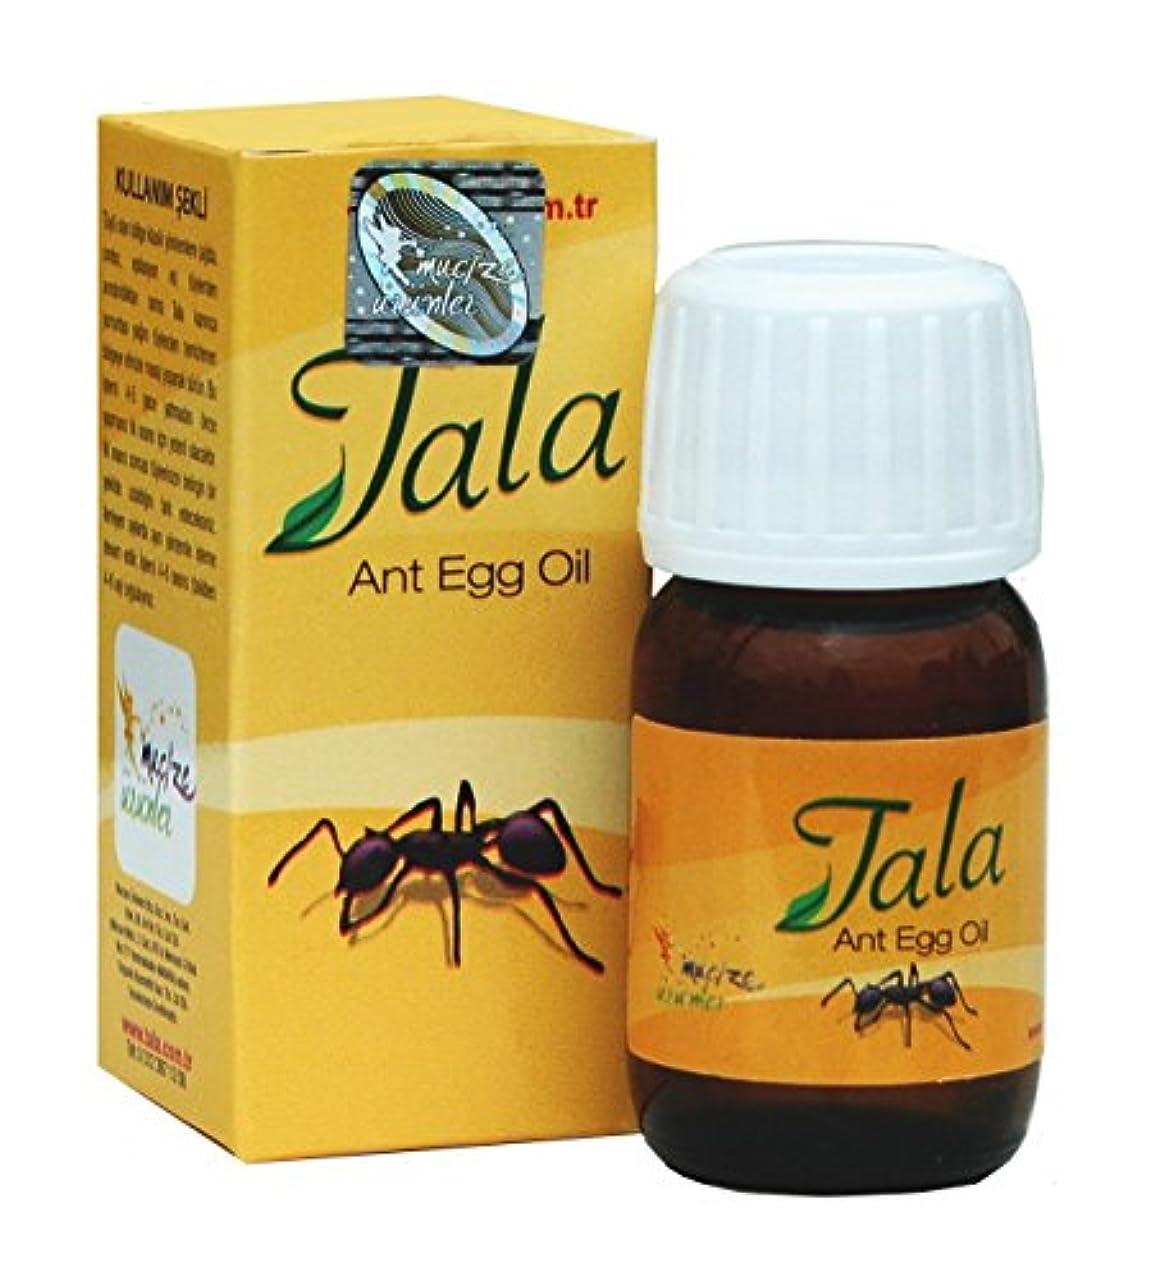 否認するバドミントン折るTala Ant Egg Oil (アリ脱毛オイル) 20 ml [並行輸入品]